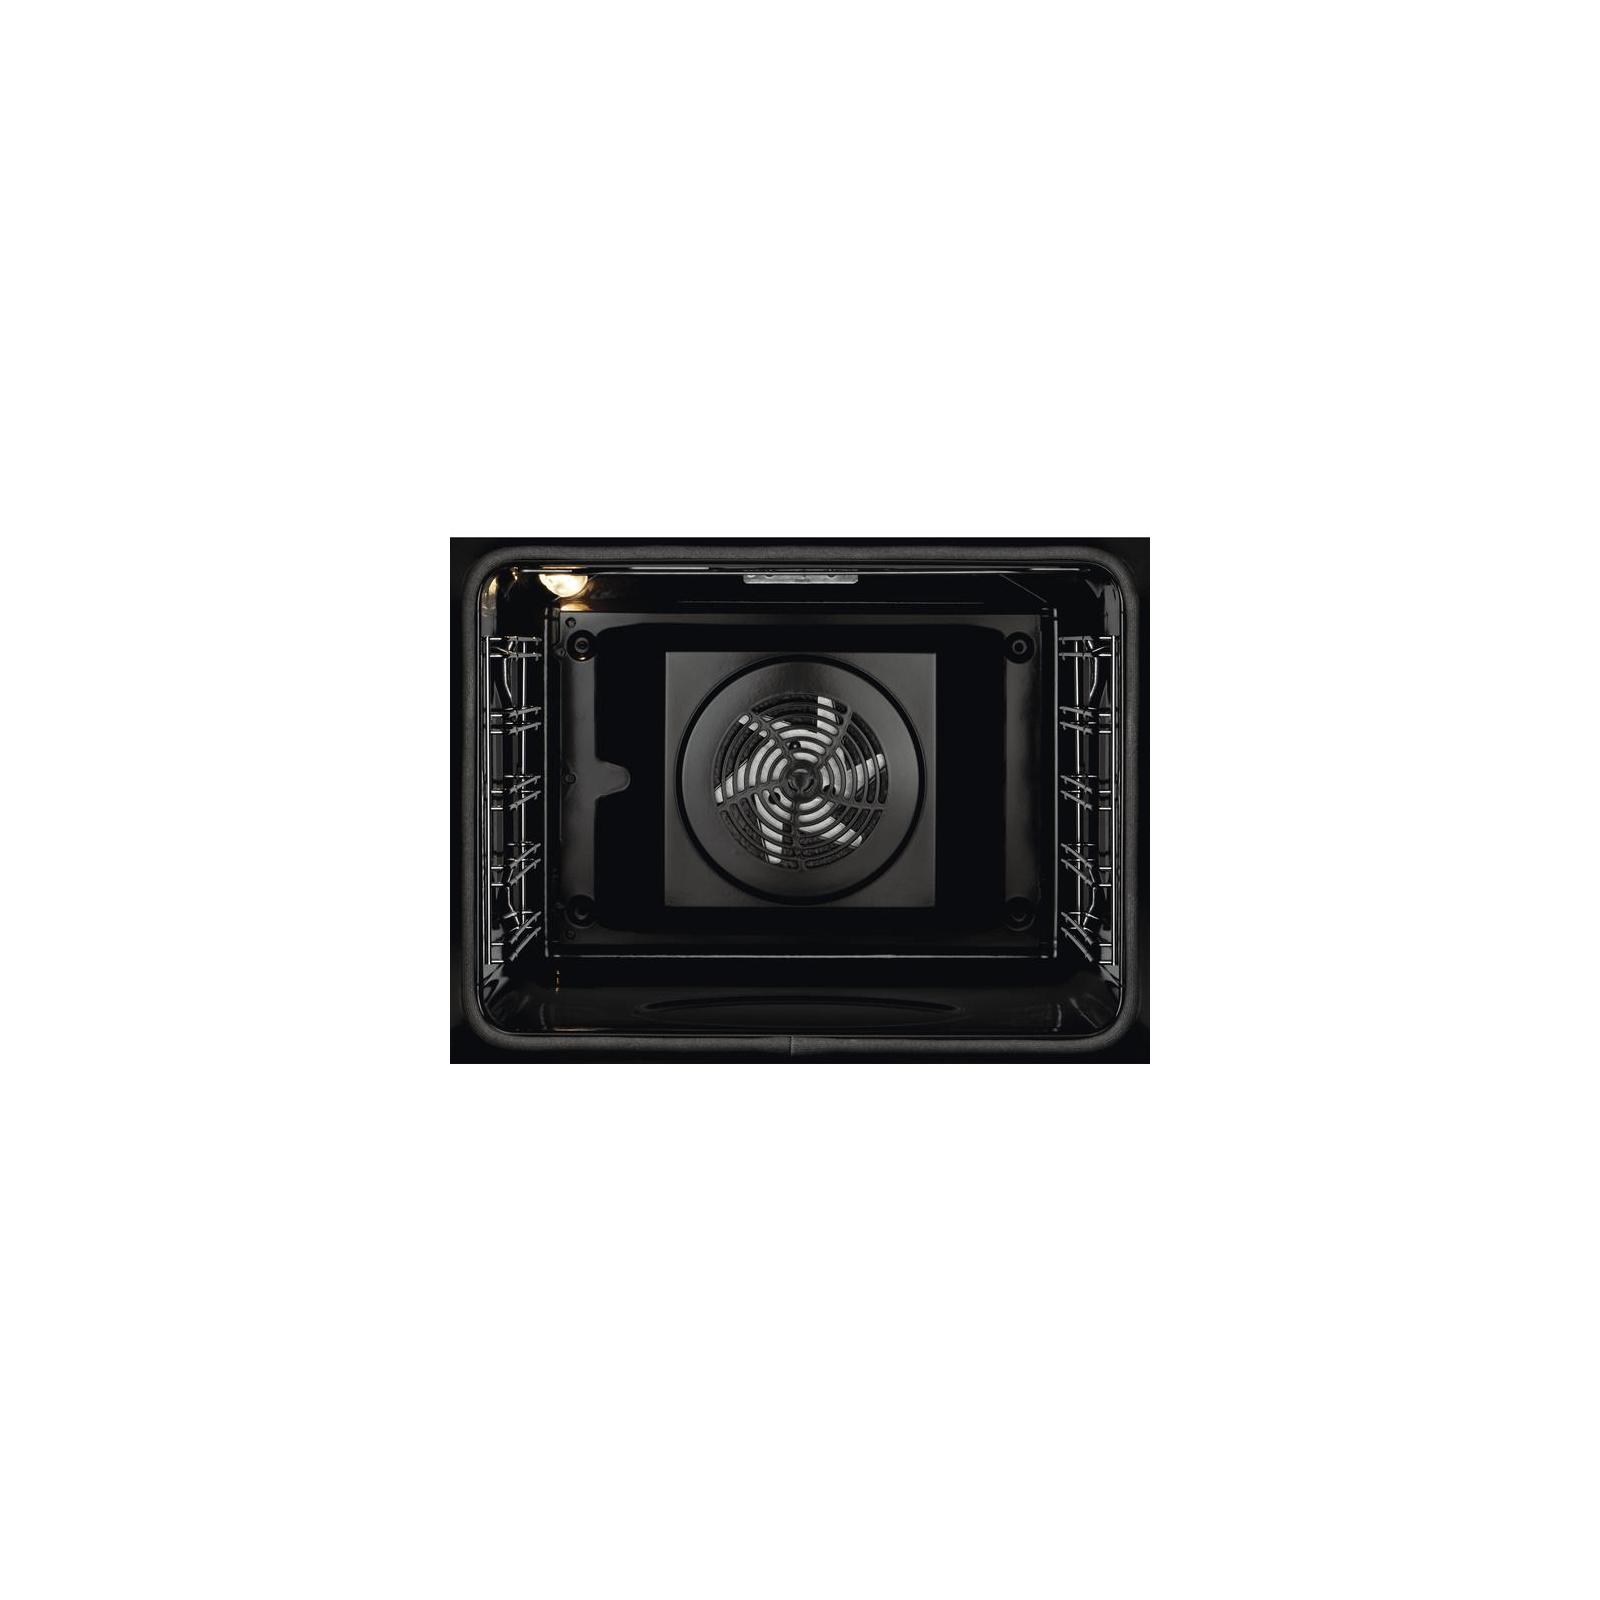 Духовой шкаф ZANUSSI OPZB2300C изображение 2